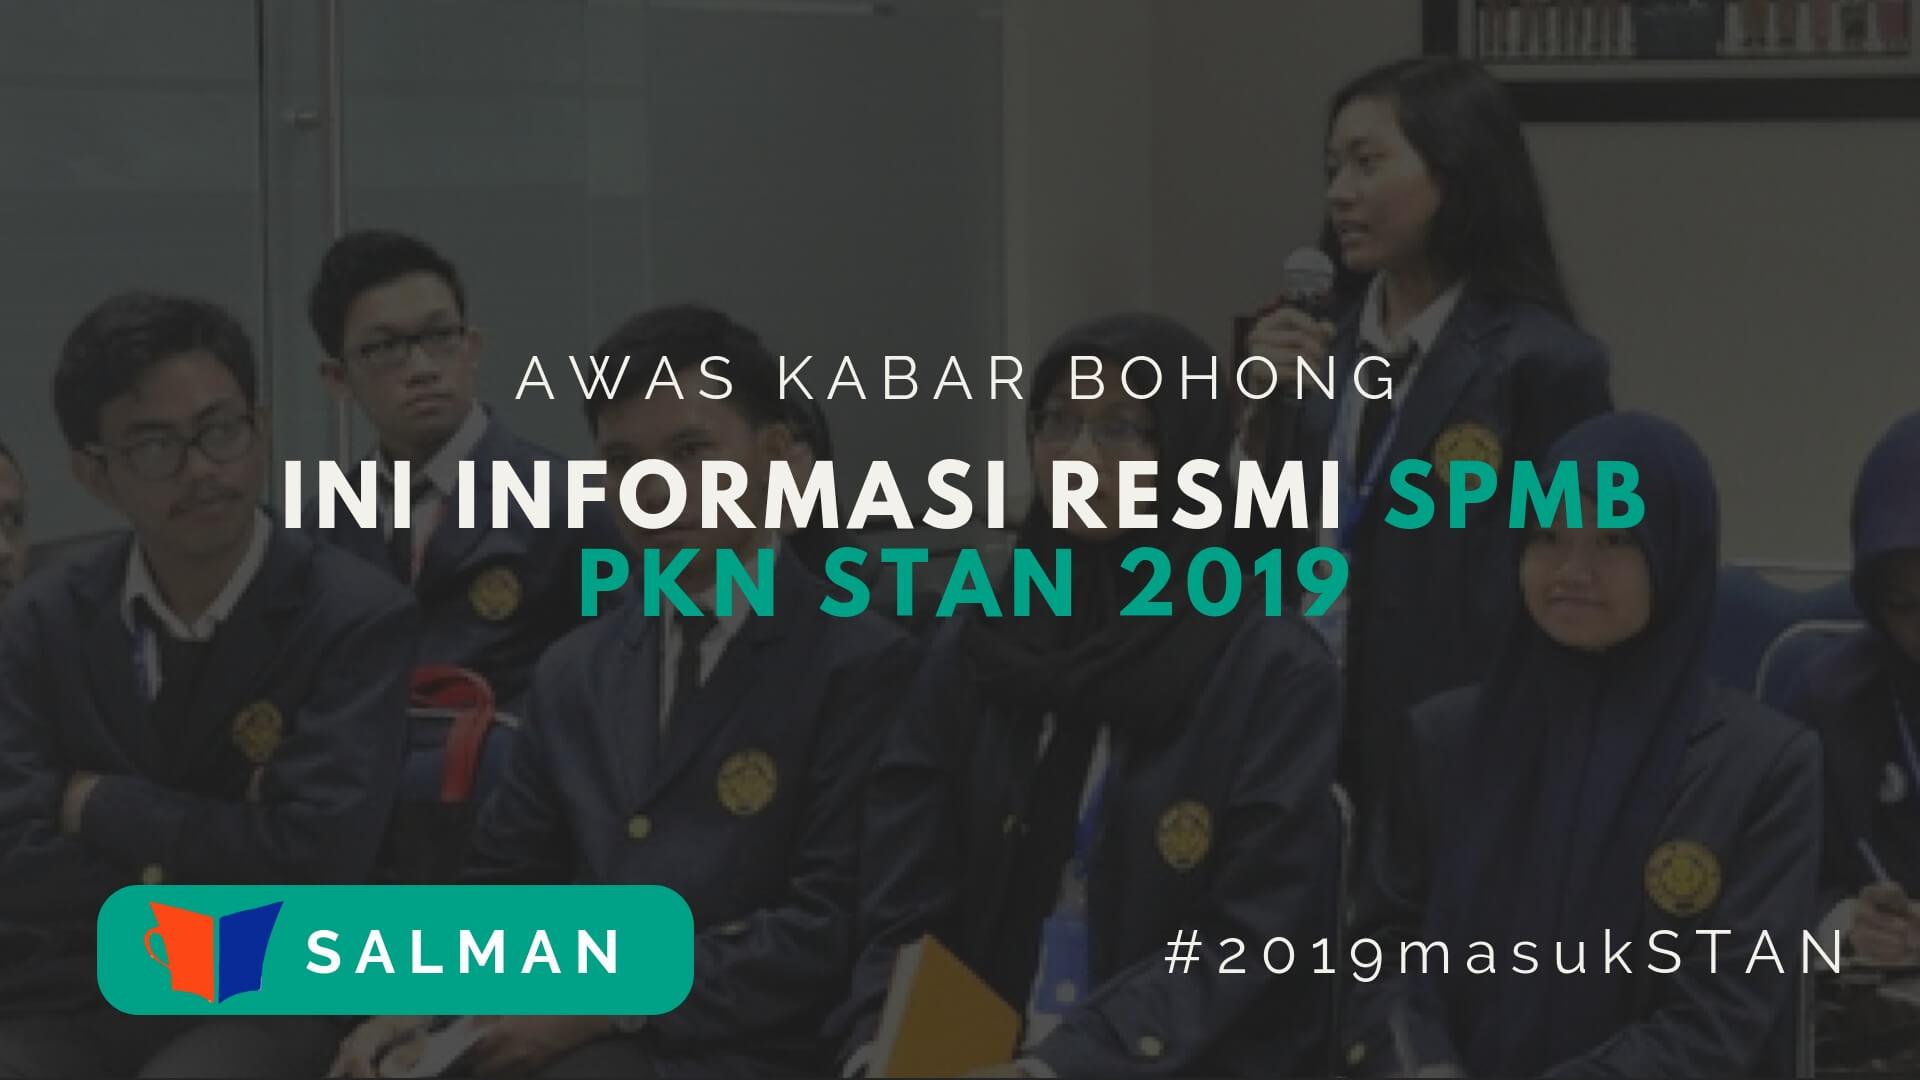 SPMB PKN STAN 2019